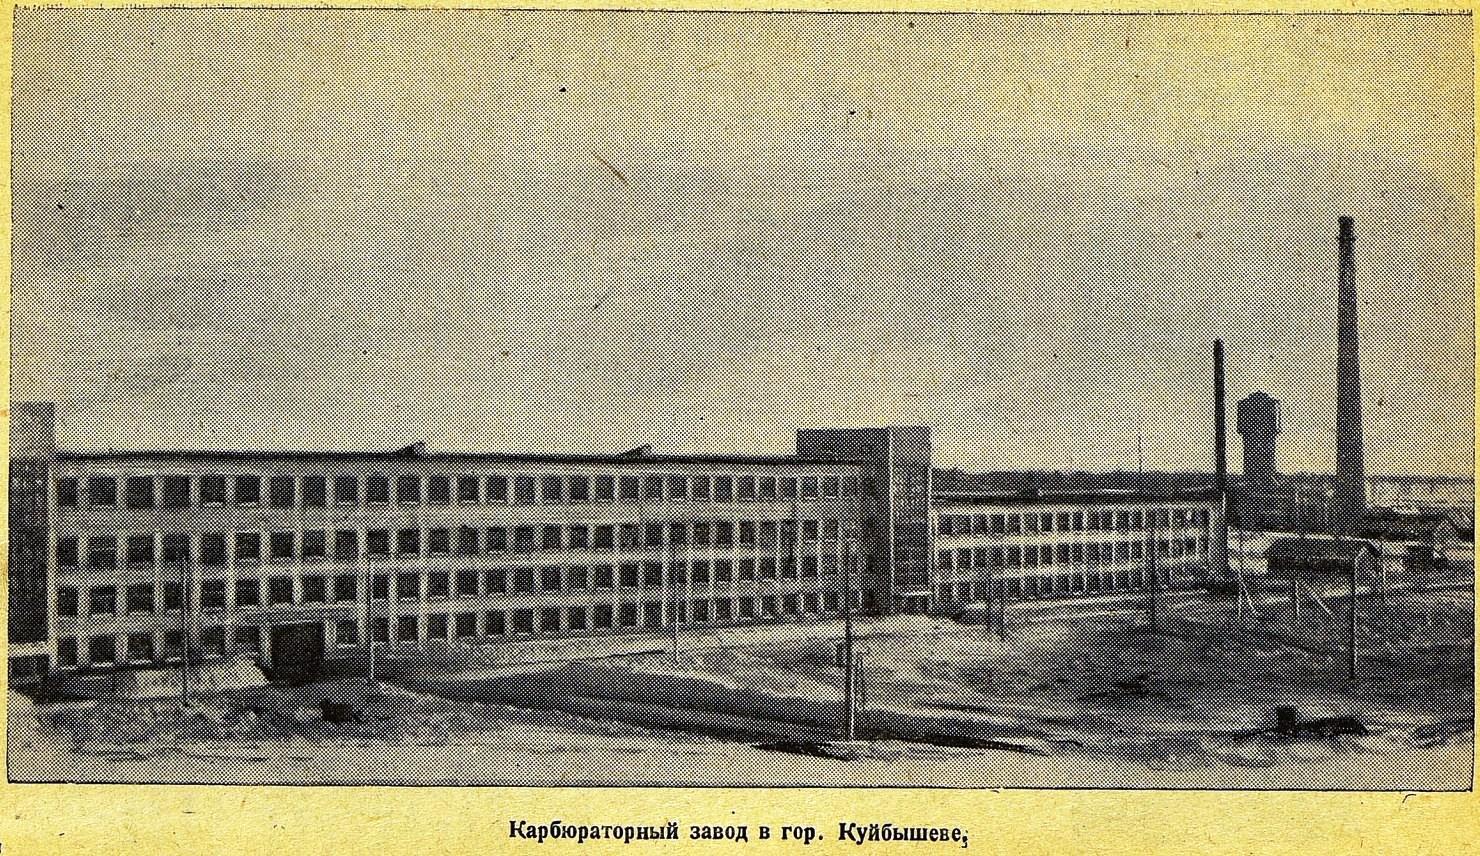 Карбюраторный завод в Куйбышеве